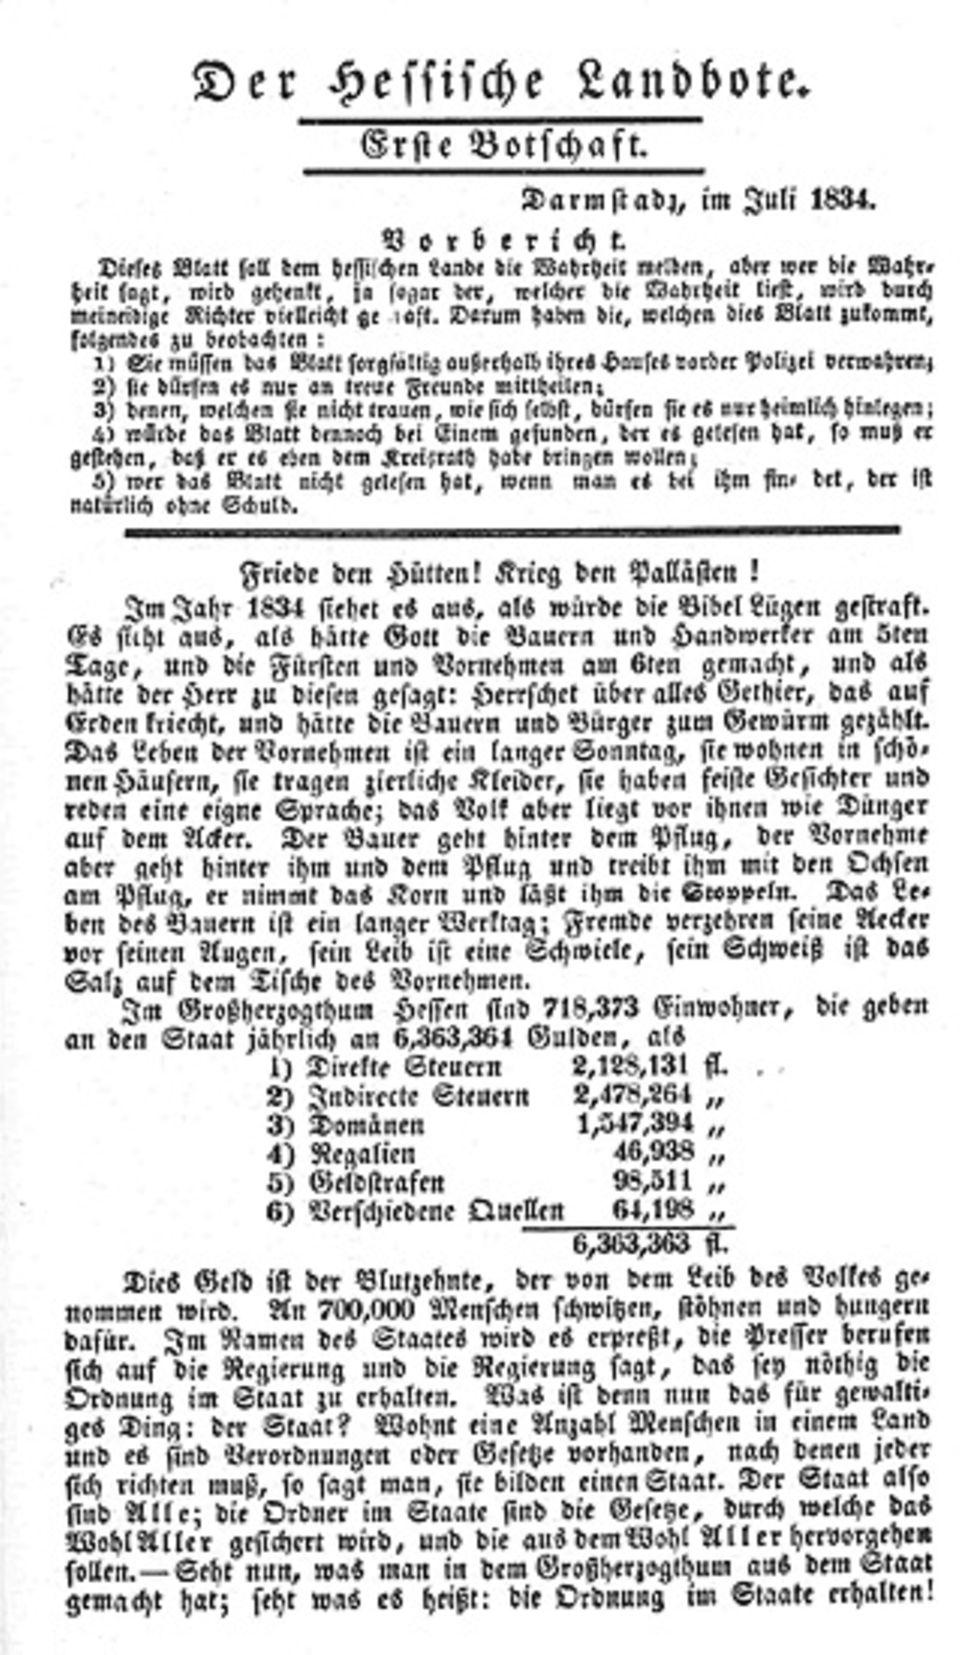 """Die deutsche Romantik: """"Der Hessische Landbote"""" von 1834: Den Behörden gilt Büchners Werk unter allen Flugschriften des Jahres als """"die bei weitem gefährlichste und strafbarste"""""""